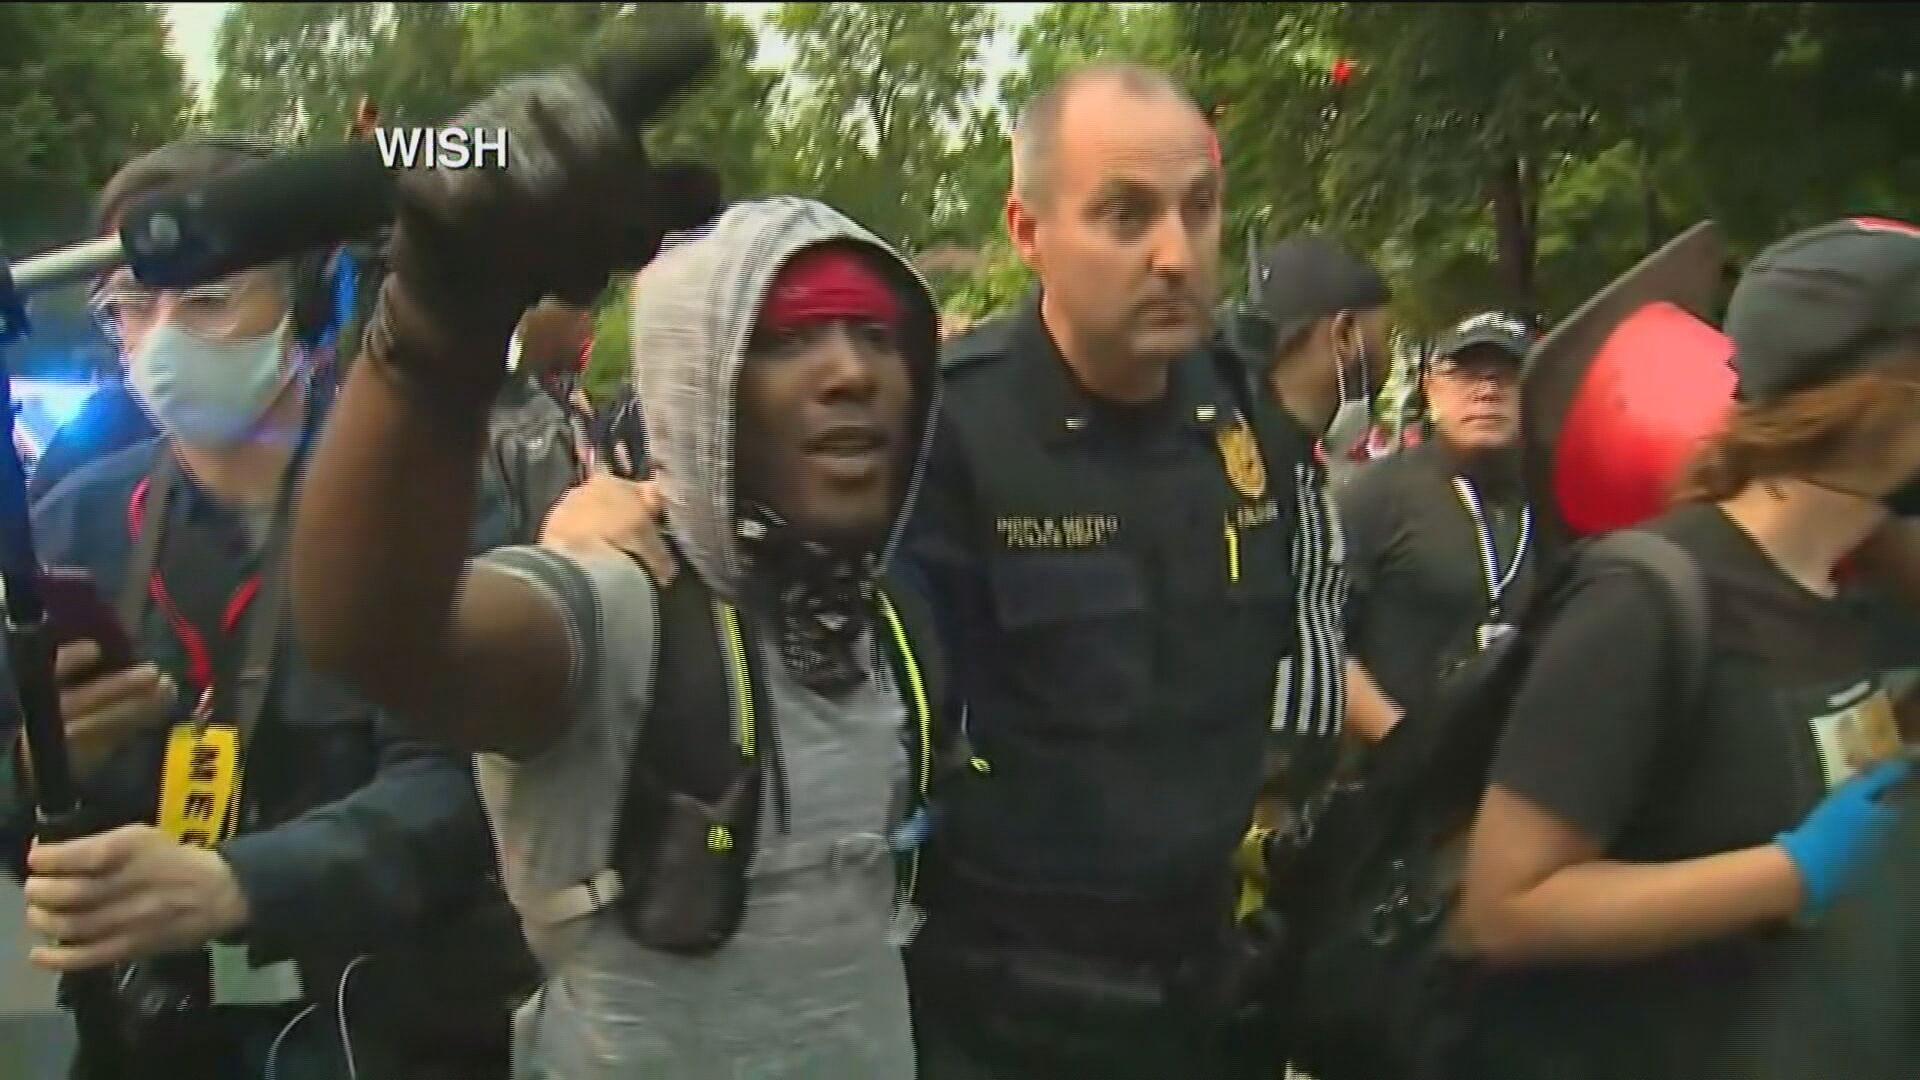 Manifestante negro abraça policial branco durante manifestação em Indiana, nos E